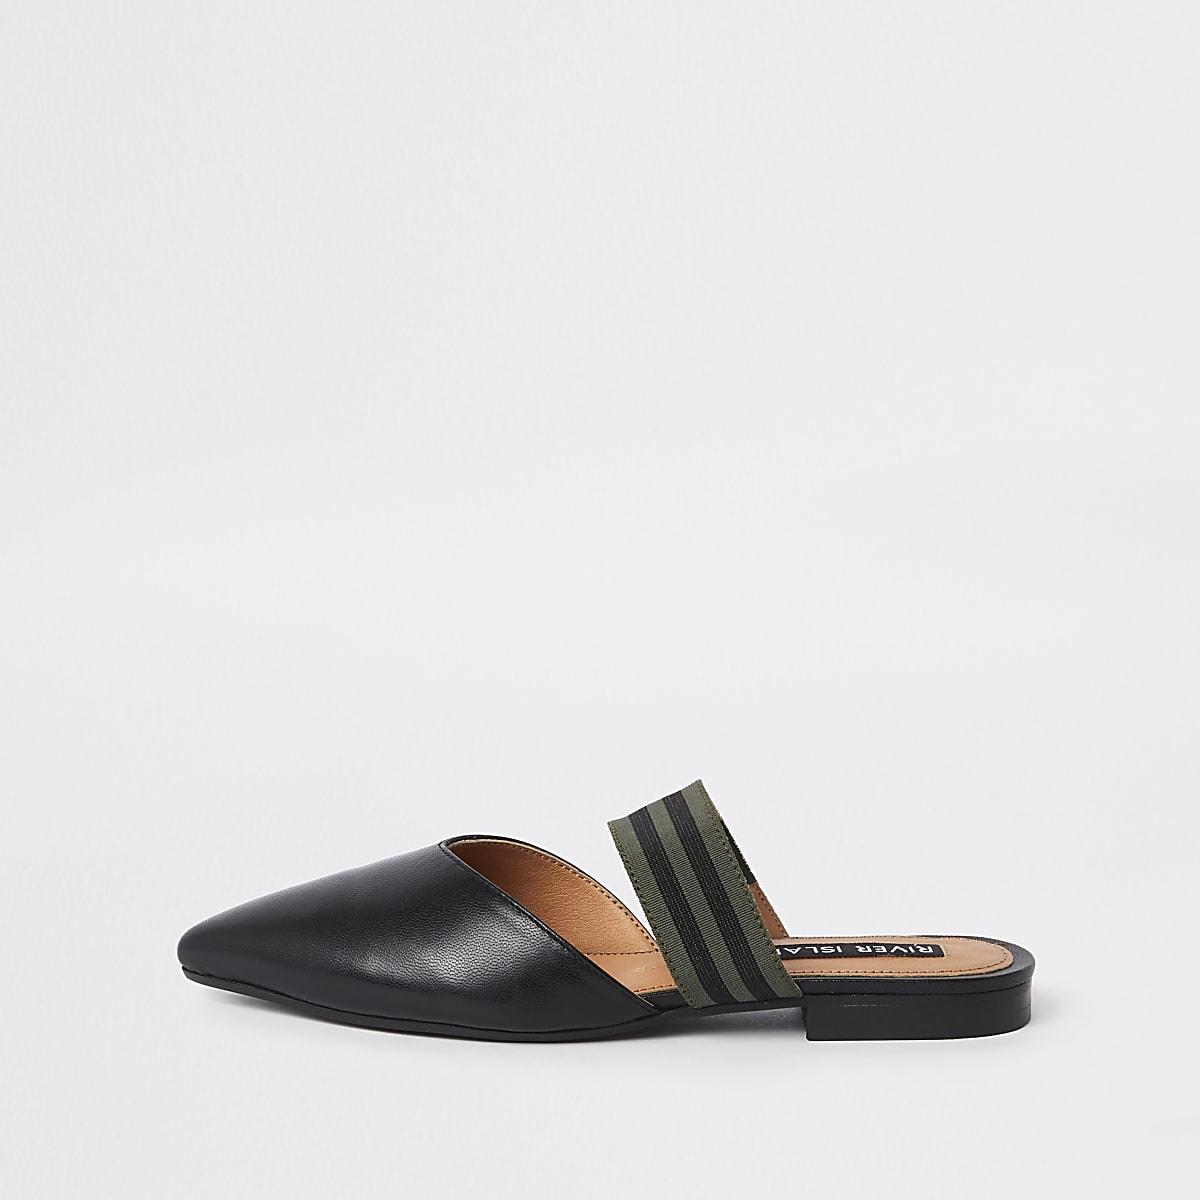 Black leather backless loafer